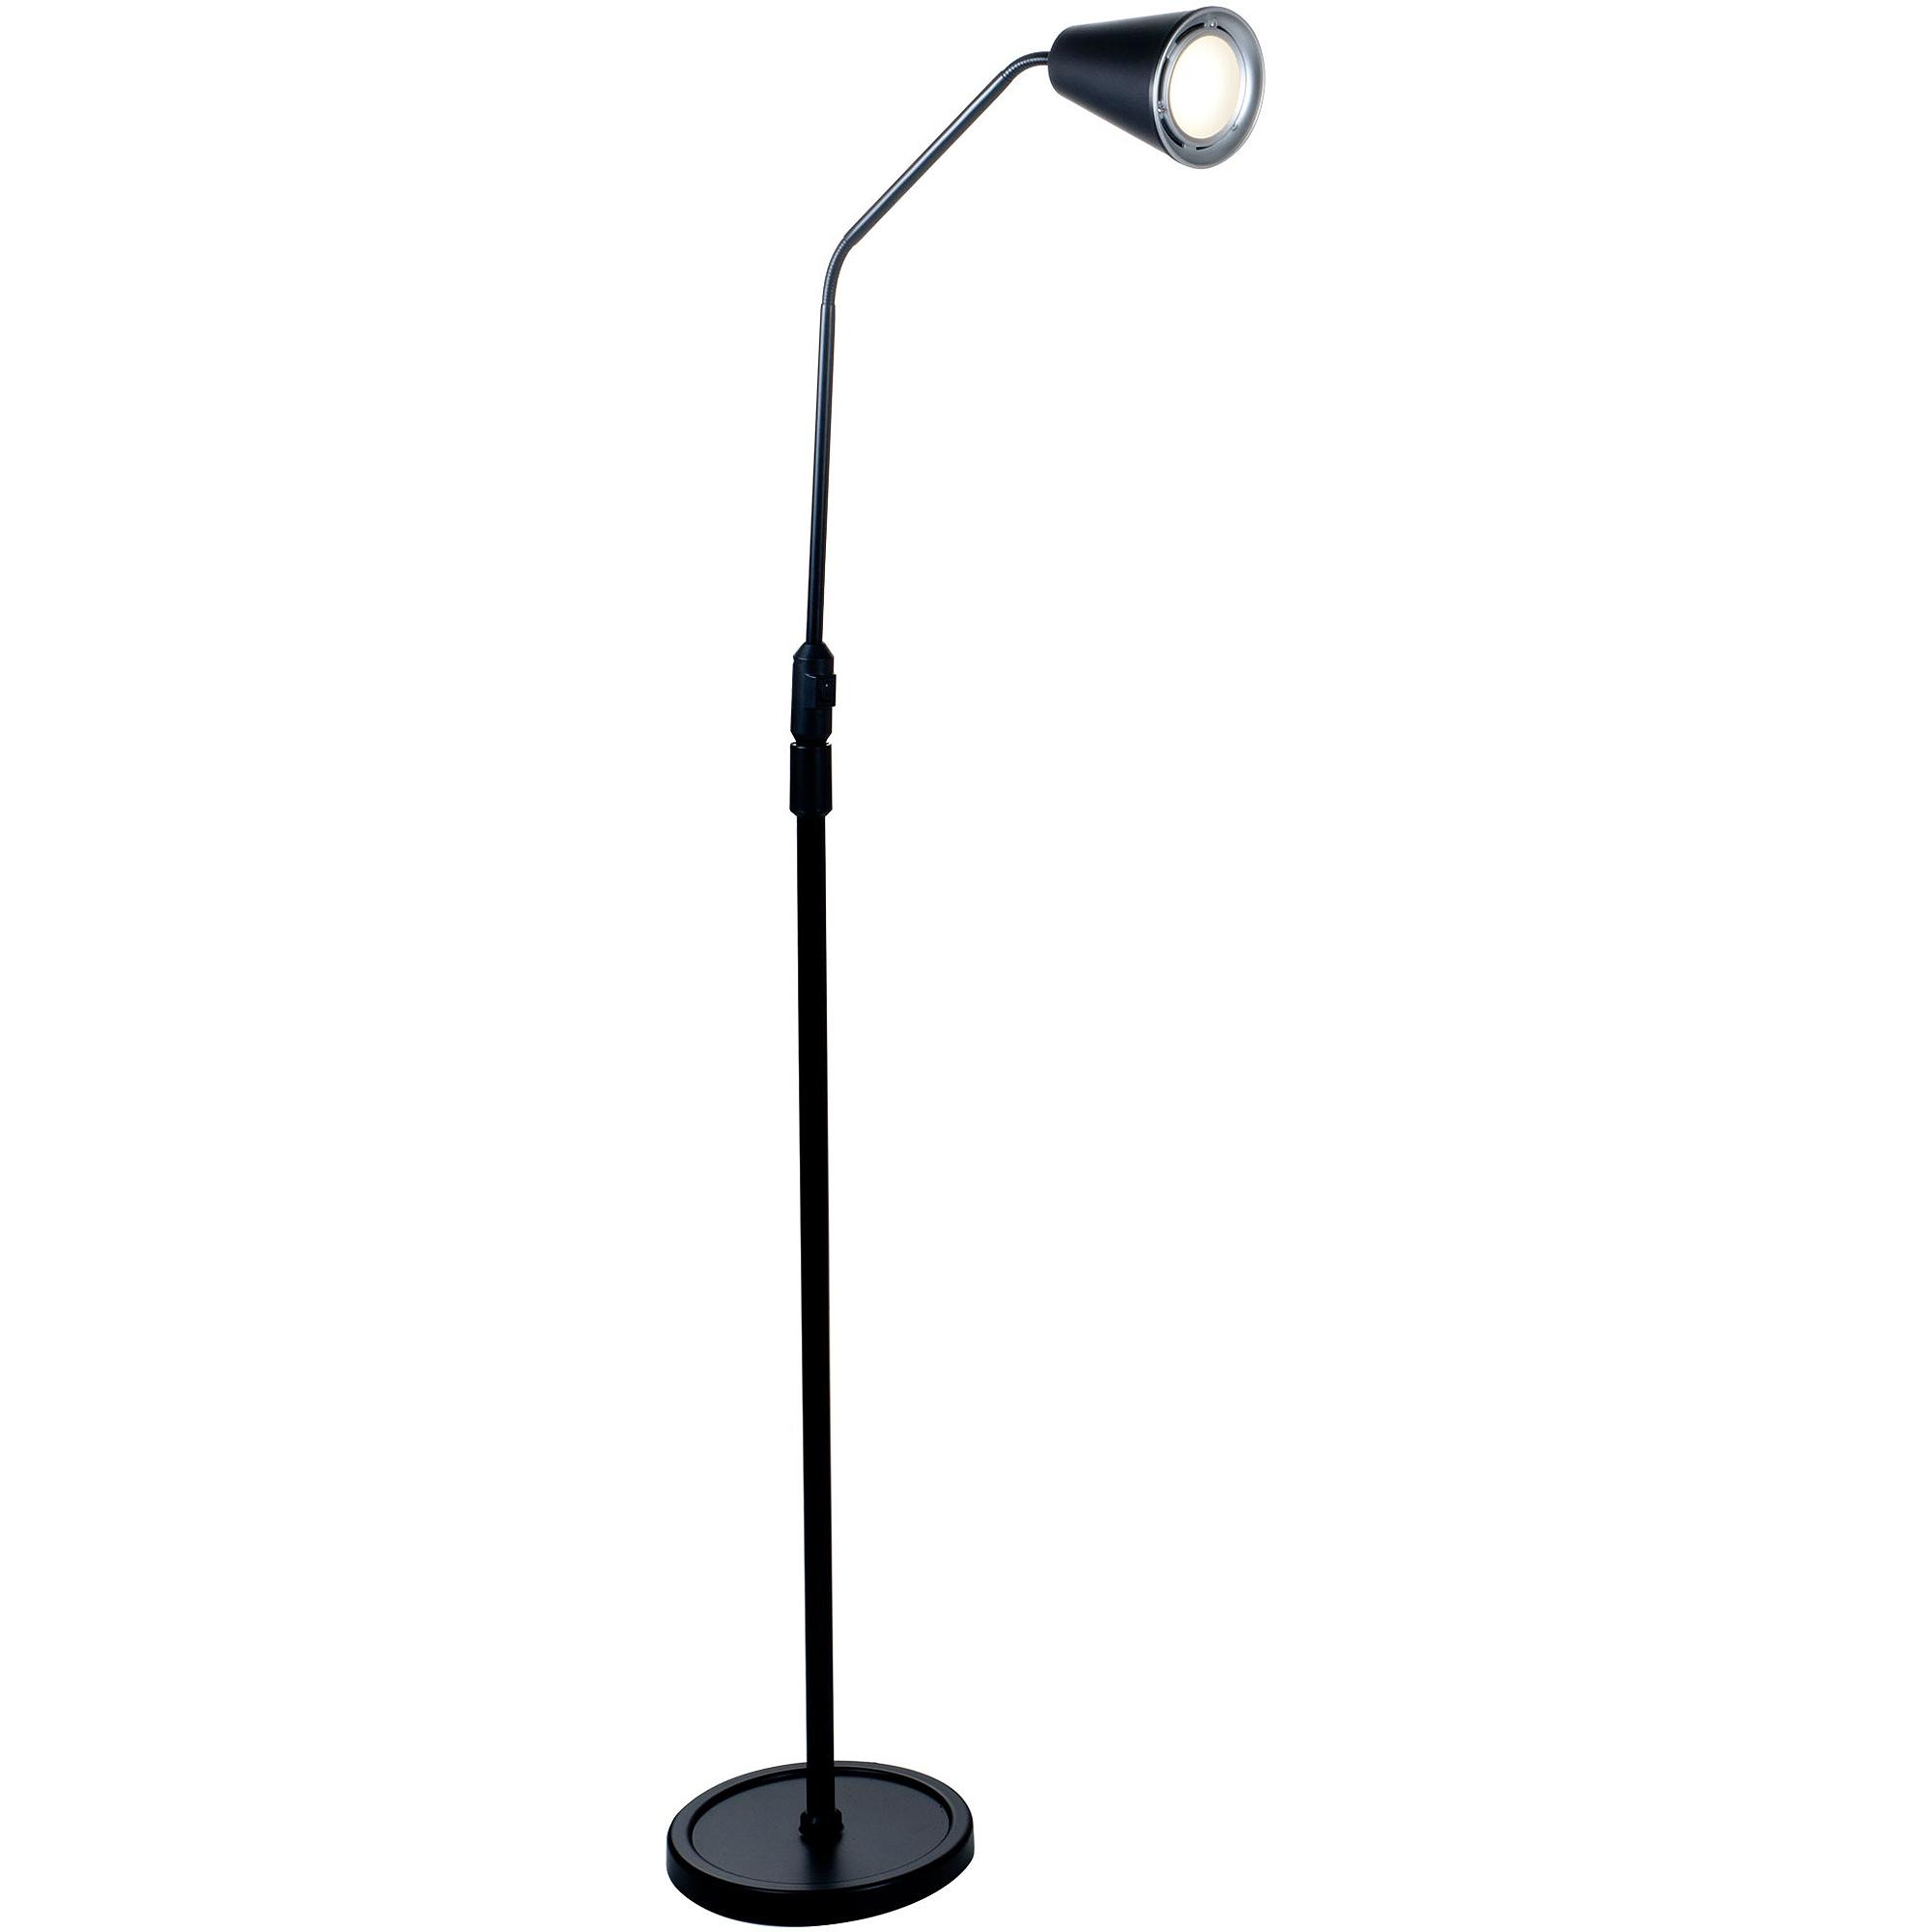 gooseneck-floor-lamps-photo-14